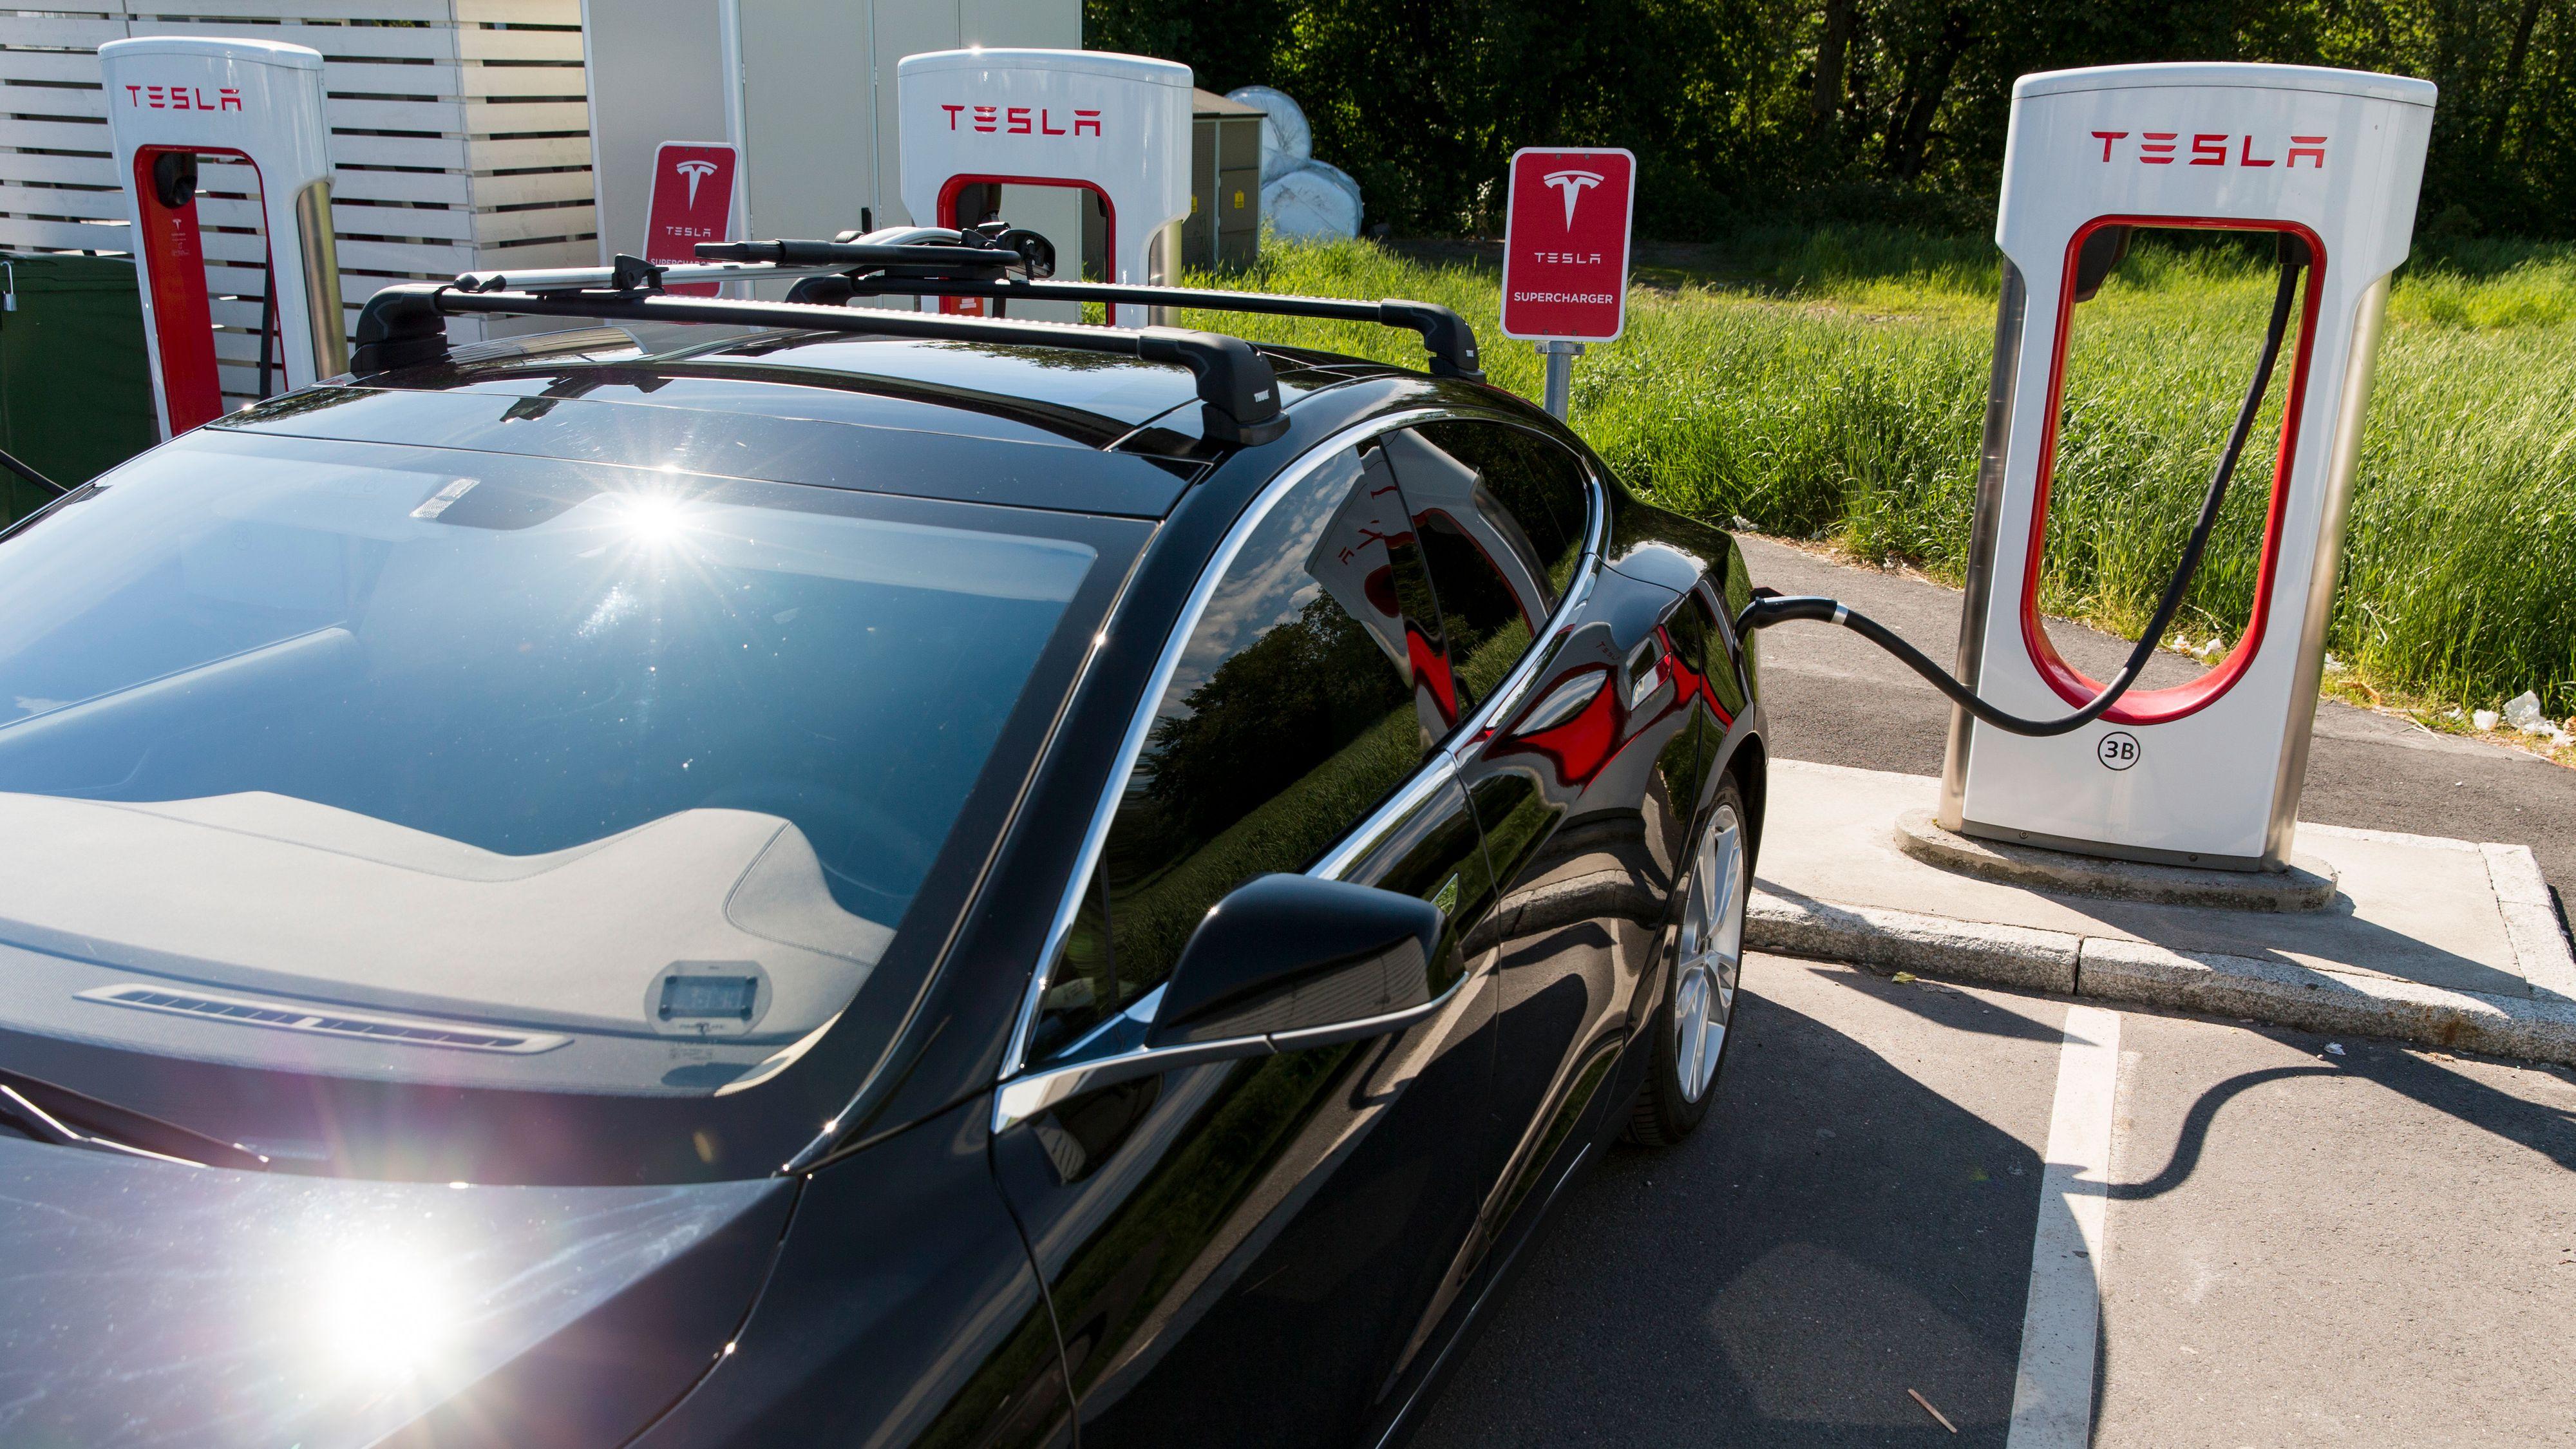 For første gang på flere år falt elbilsalget sammenlignet med fjoråret